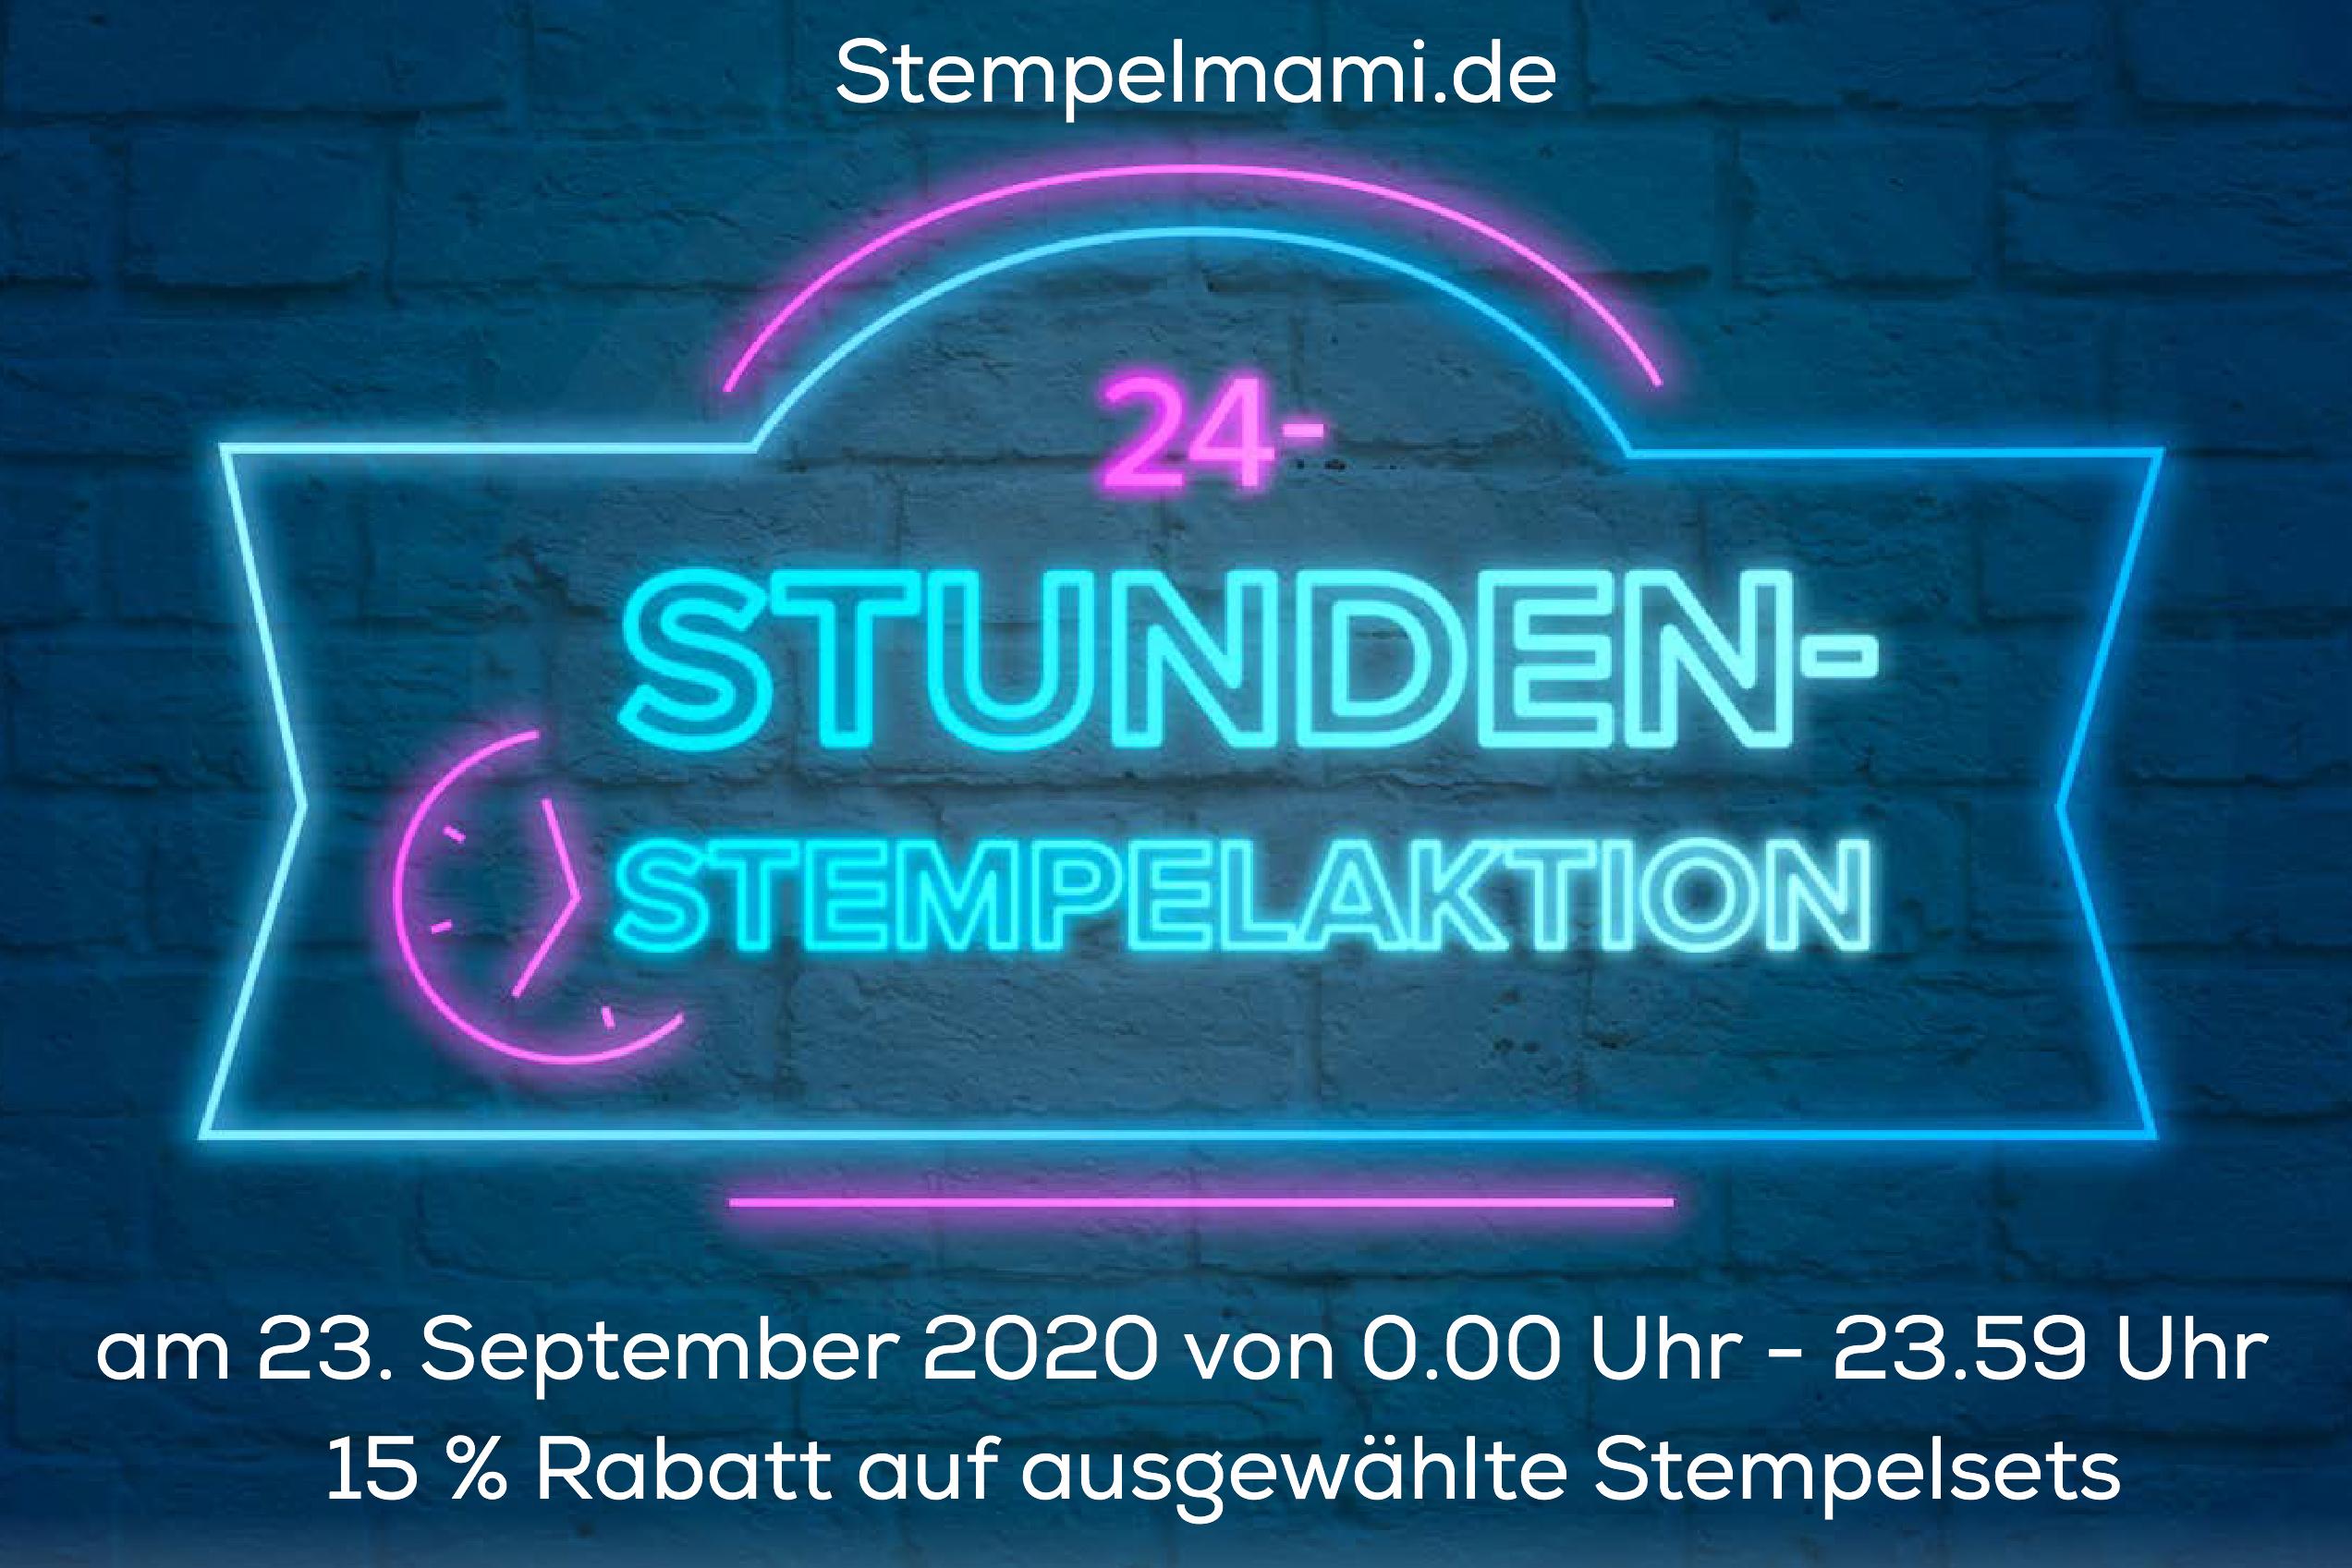 Stampin Up 24 Stunden Stempelaktion mit 15 Prozent Rabatt auf ausgewaehlte Stempelsets Stempelmami 1